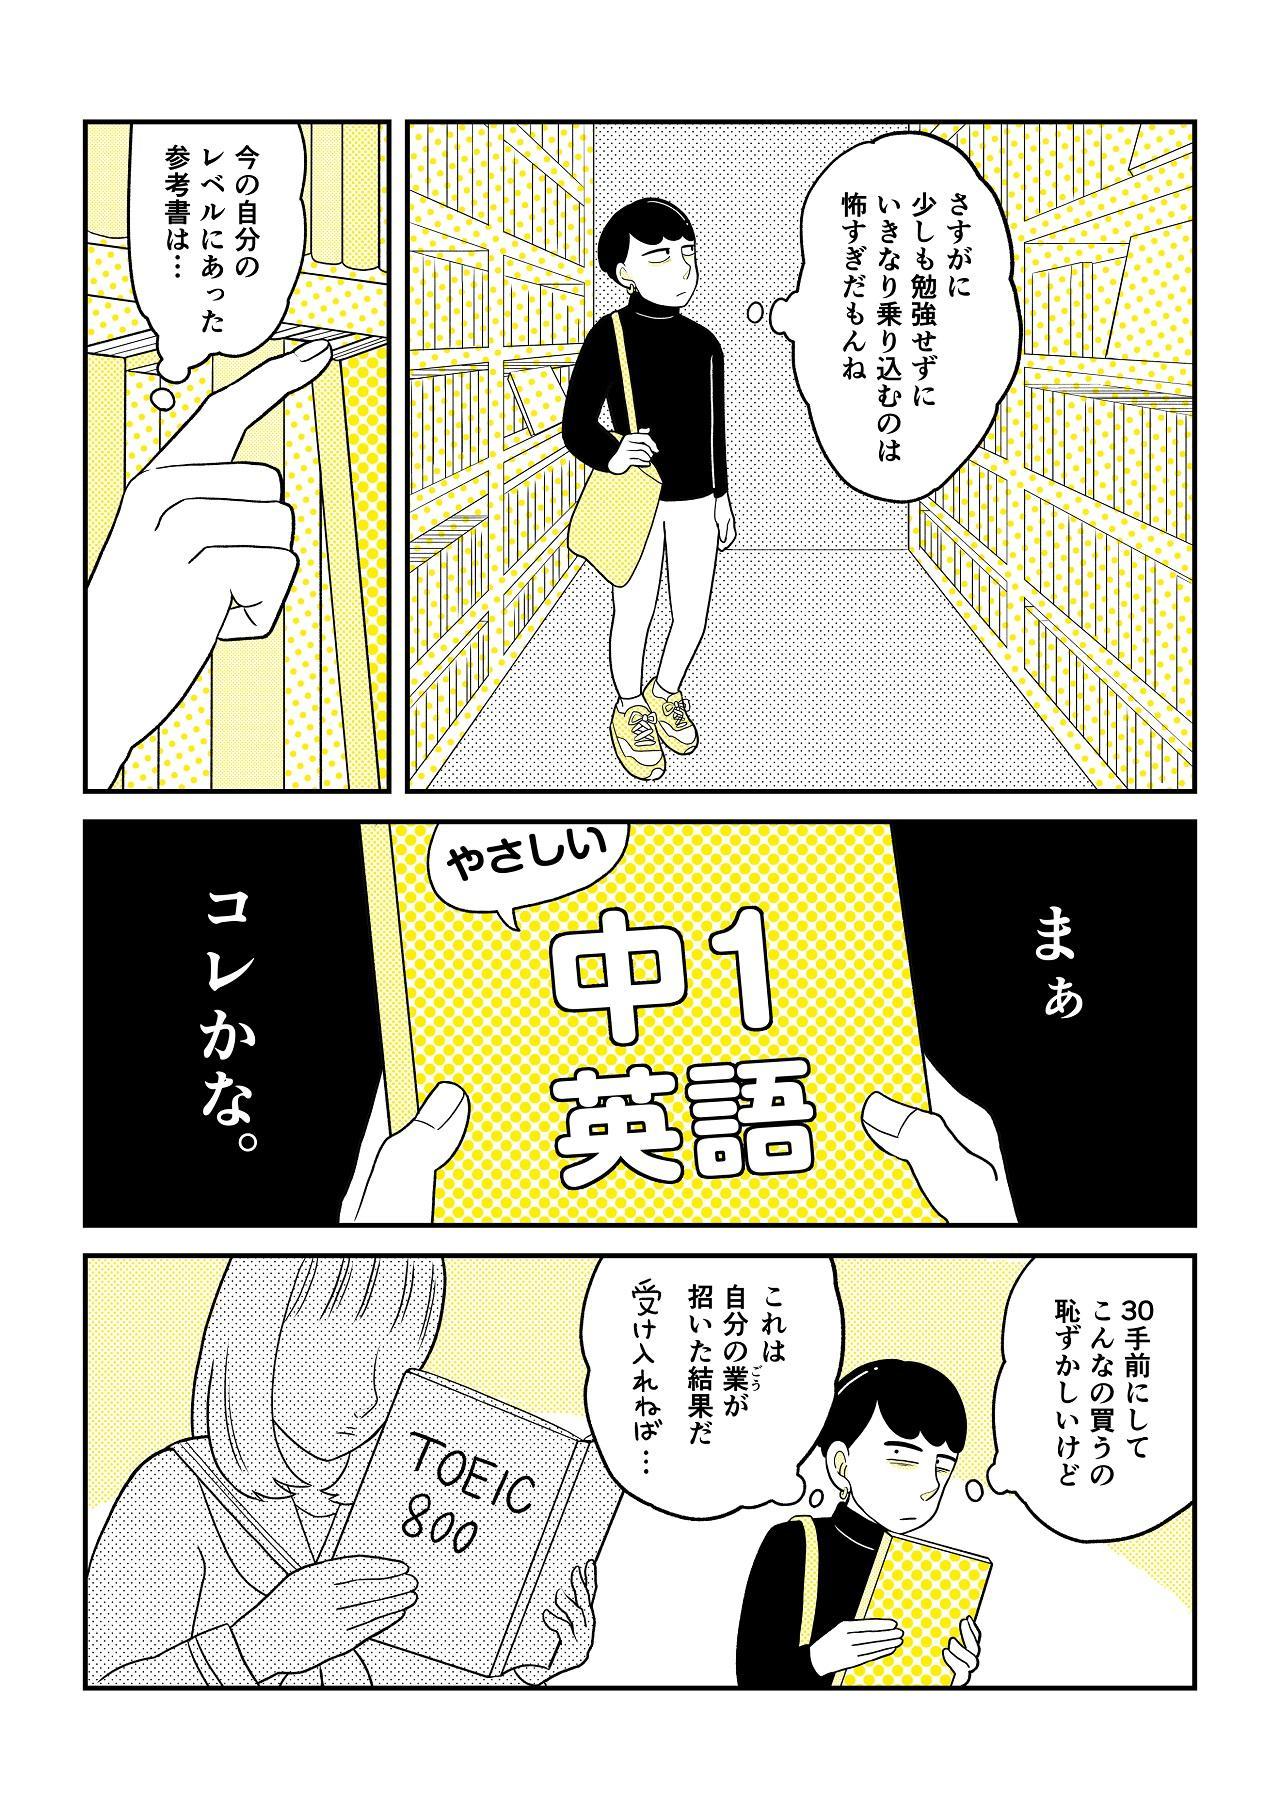 04_04_1280.jpg